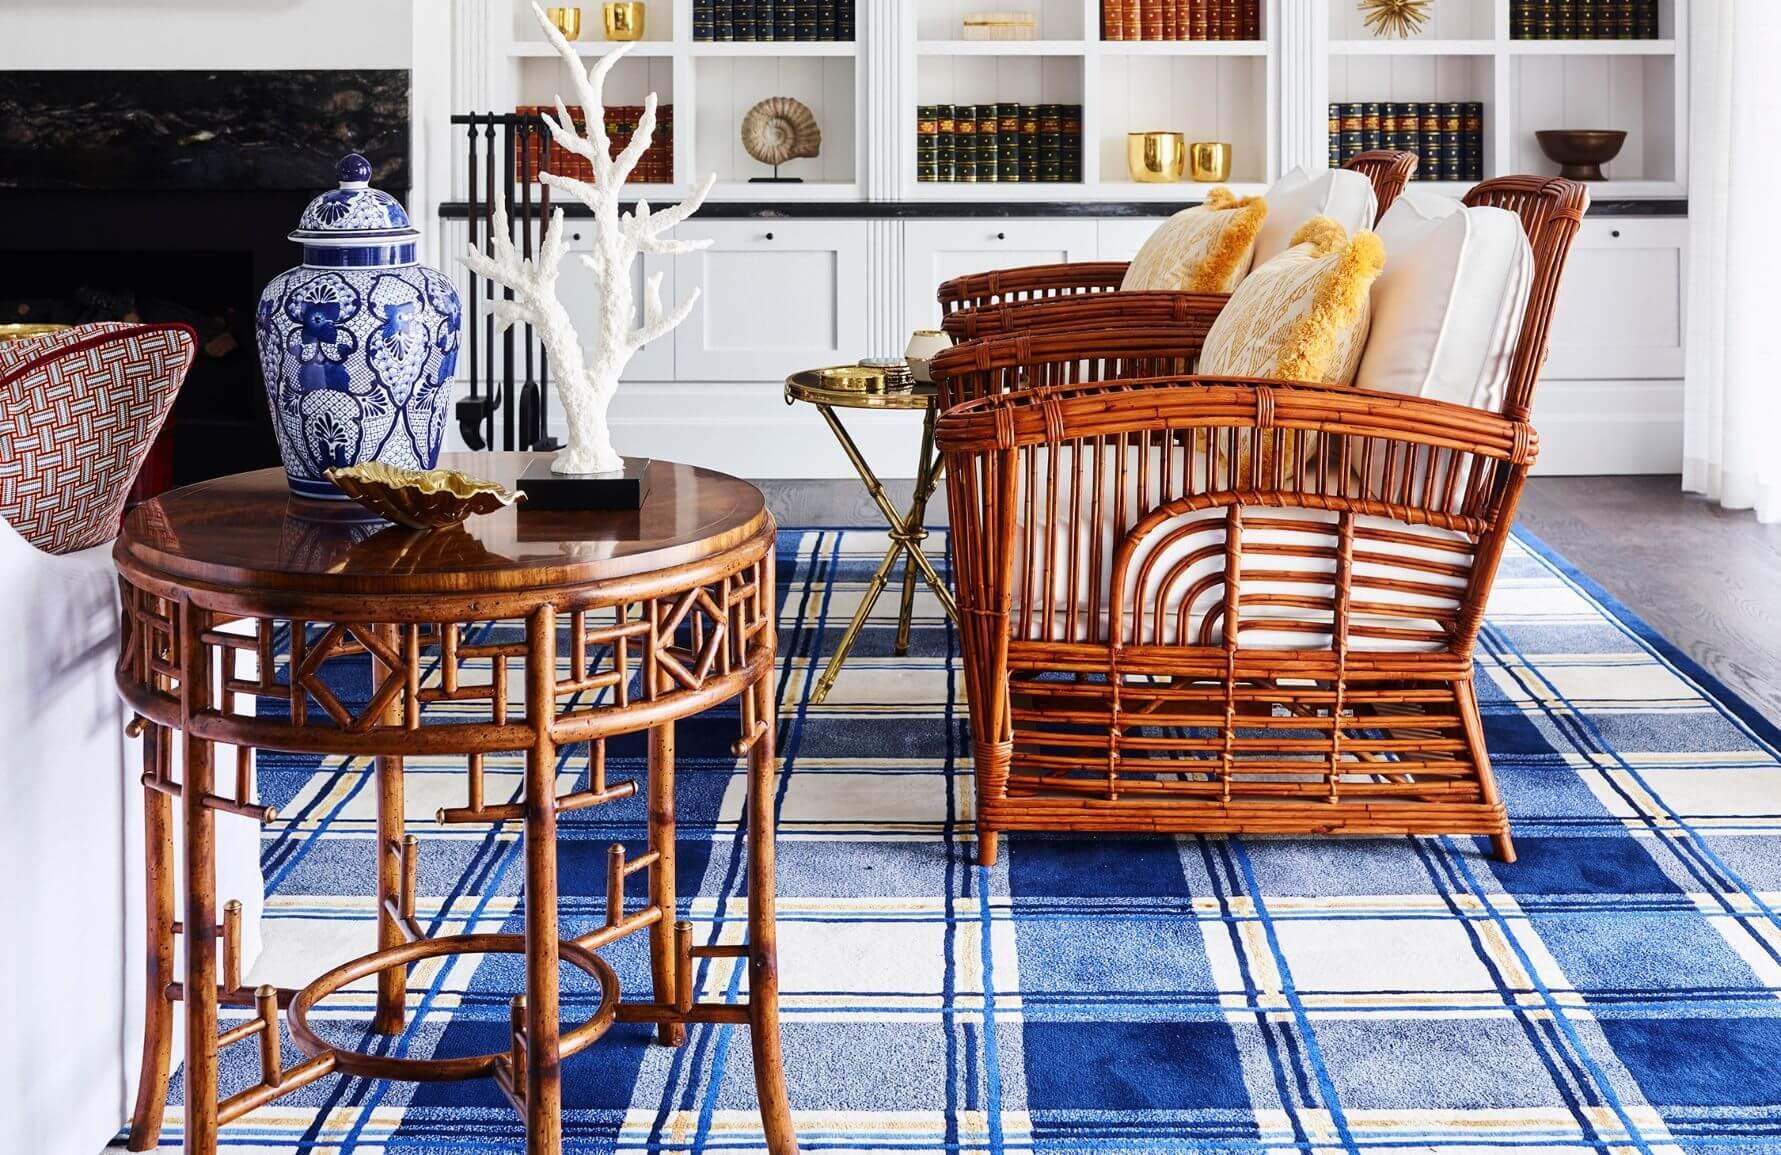 Chọn đồ nội thất có thiết kế đơn giản mà tinh tế